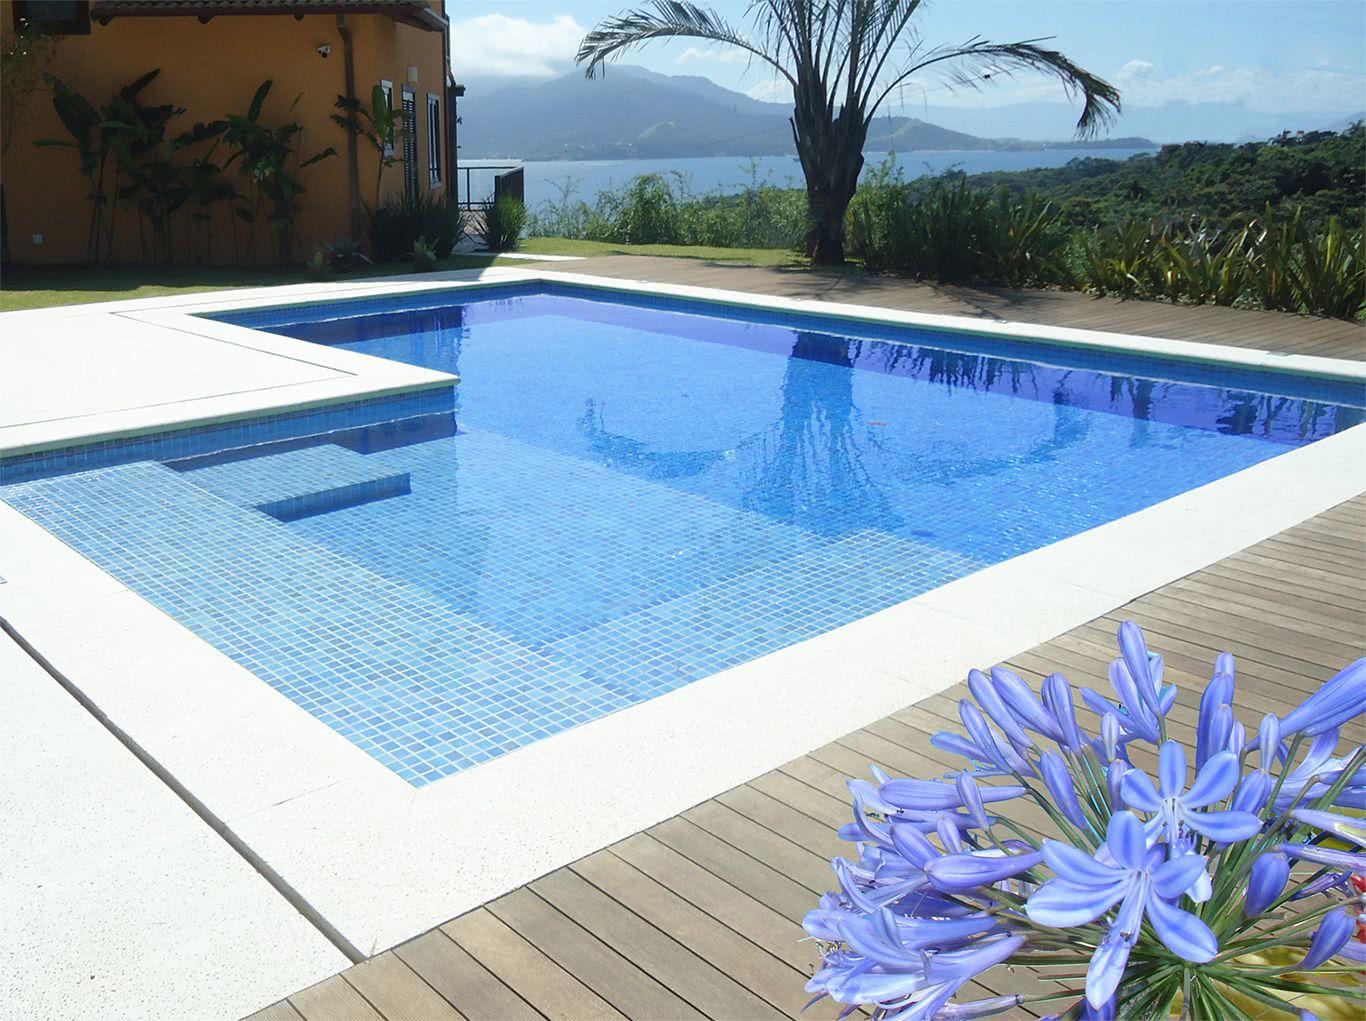 Modelo de piscina piscina com deck modelos e fotos lindas for Modelos en piscina